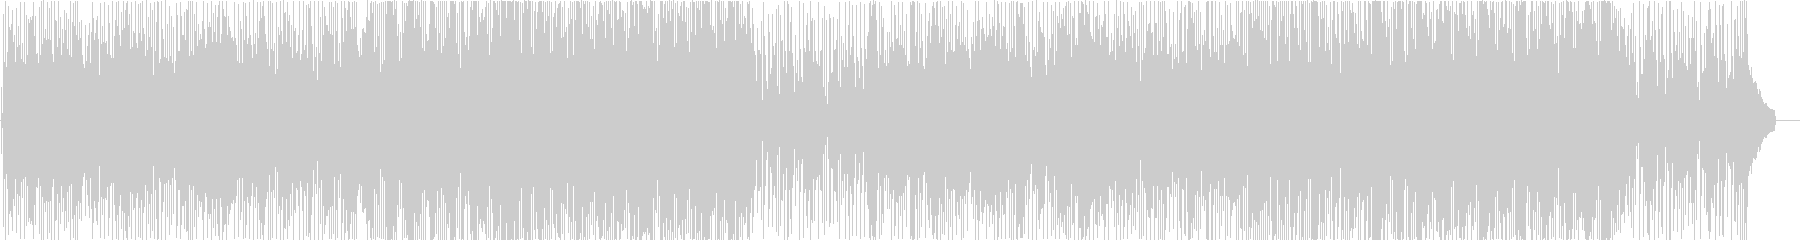 かわいいポップな日常シーン系の曲の未再生の波形